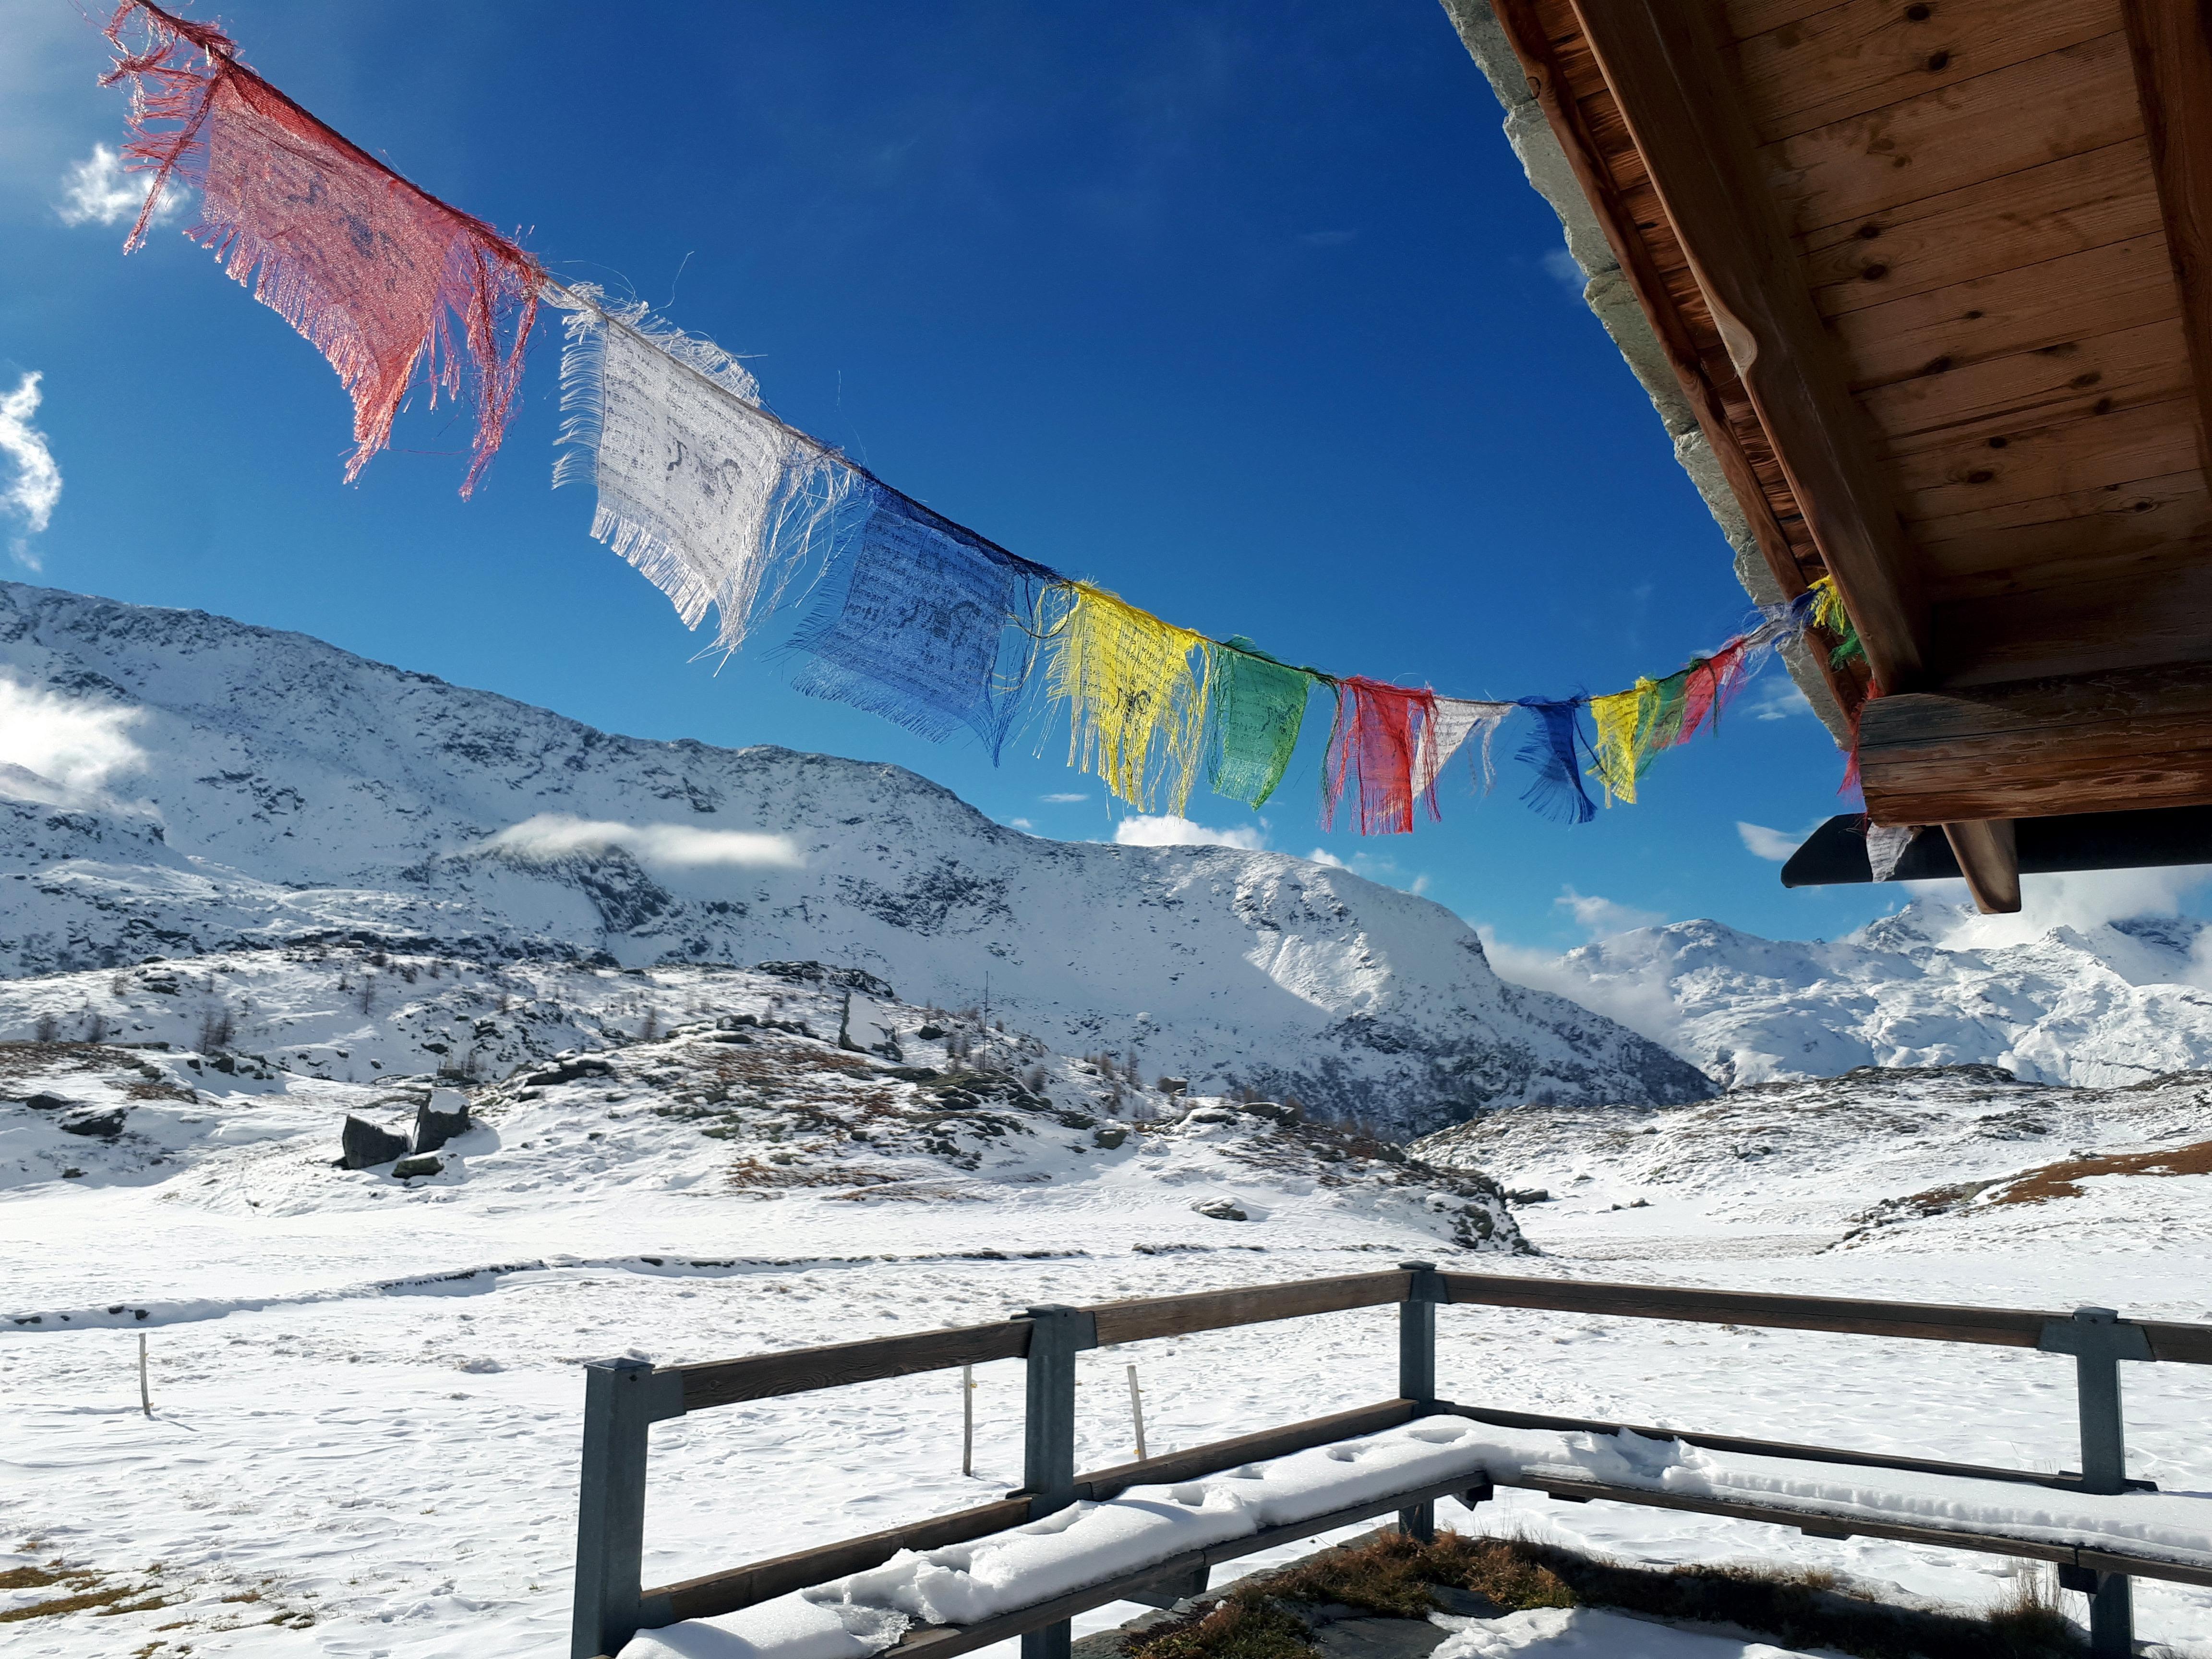 Ultimo scorcio nepalese prima della discesa verso valle. Ci attende un pranzo da SIGNORI a Fraciscio!! E infatti scenderemo veloci e determinati verso la pappa.... :P